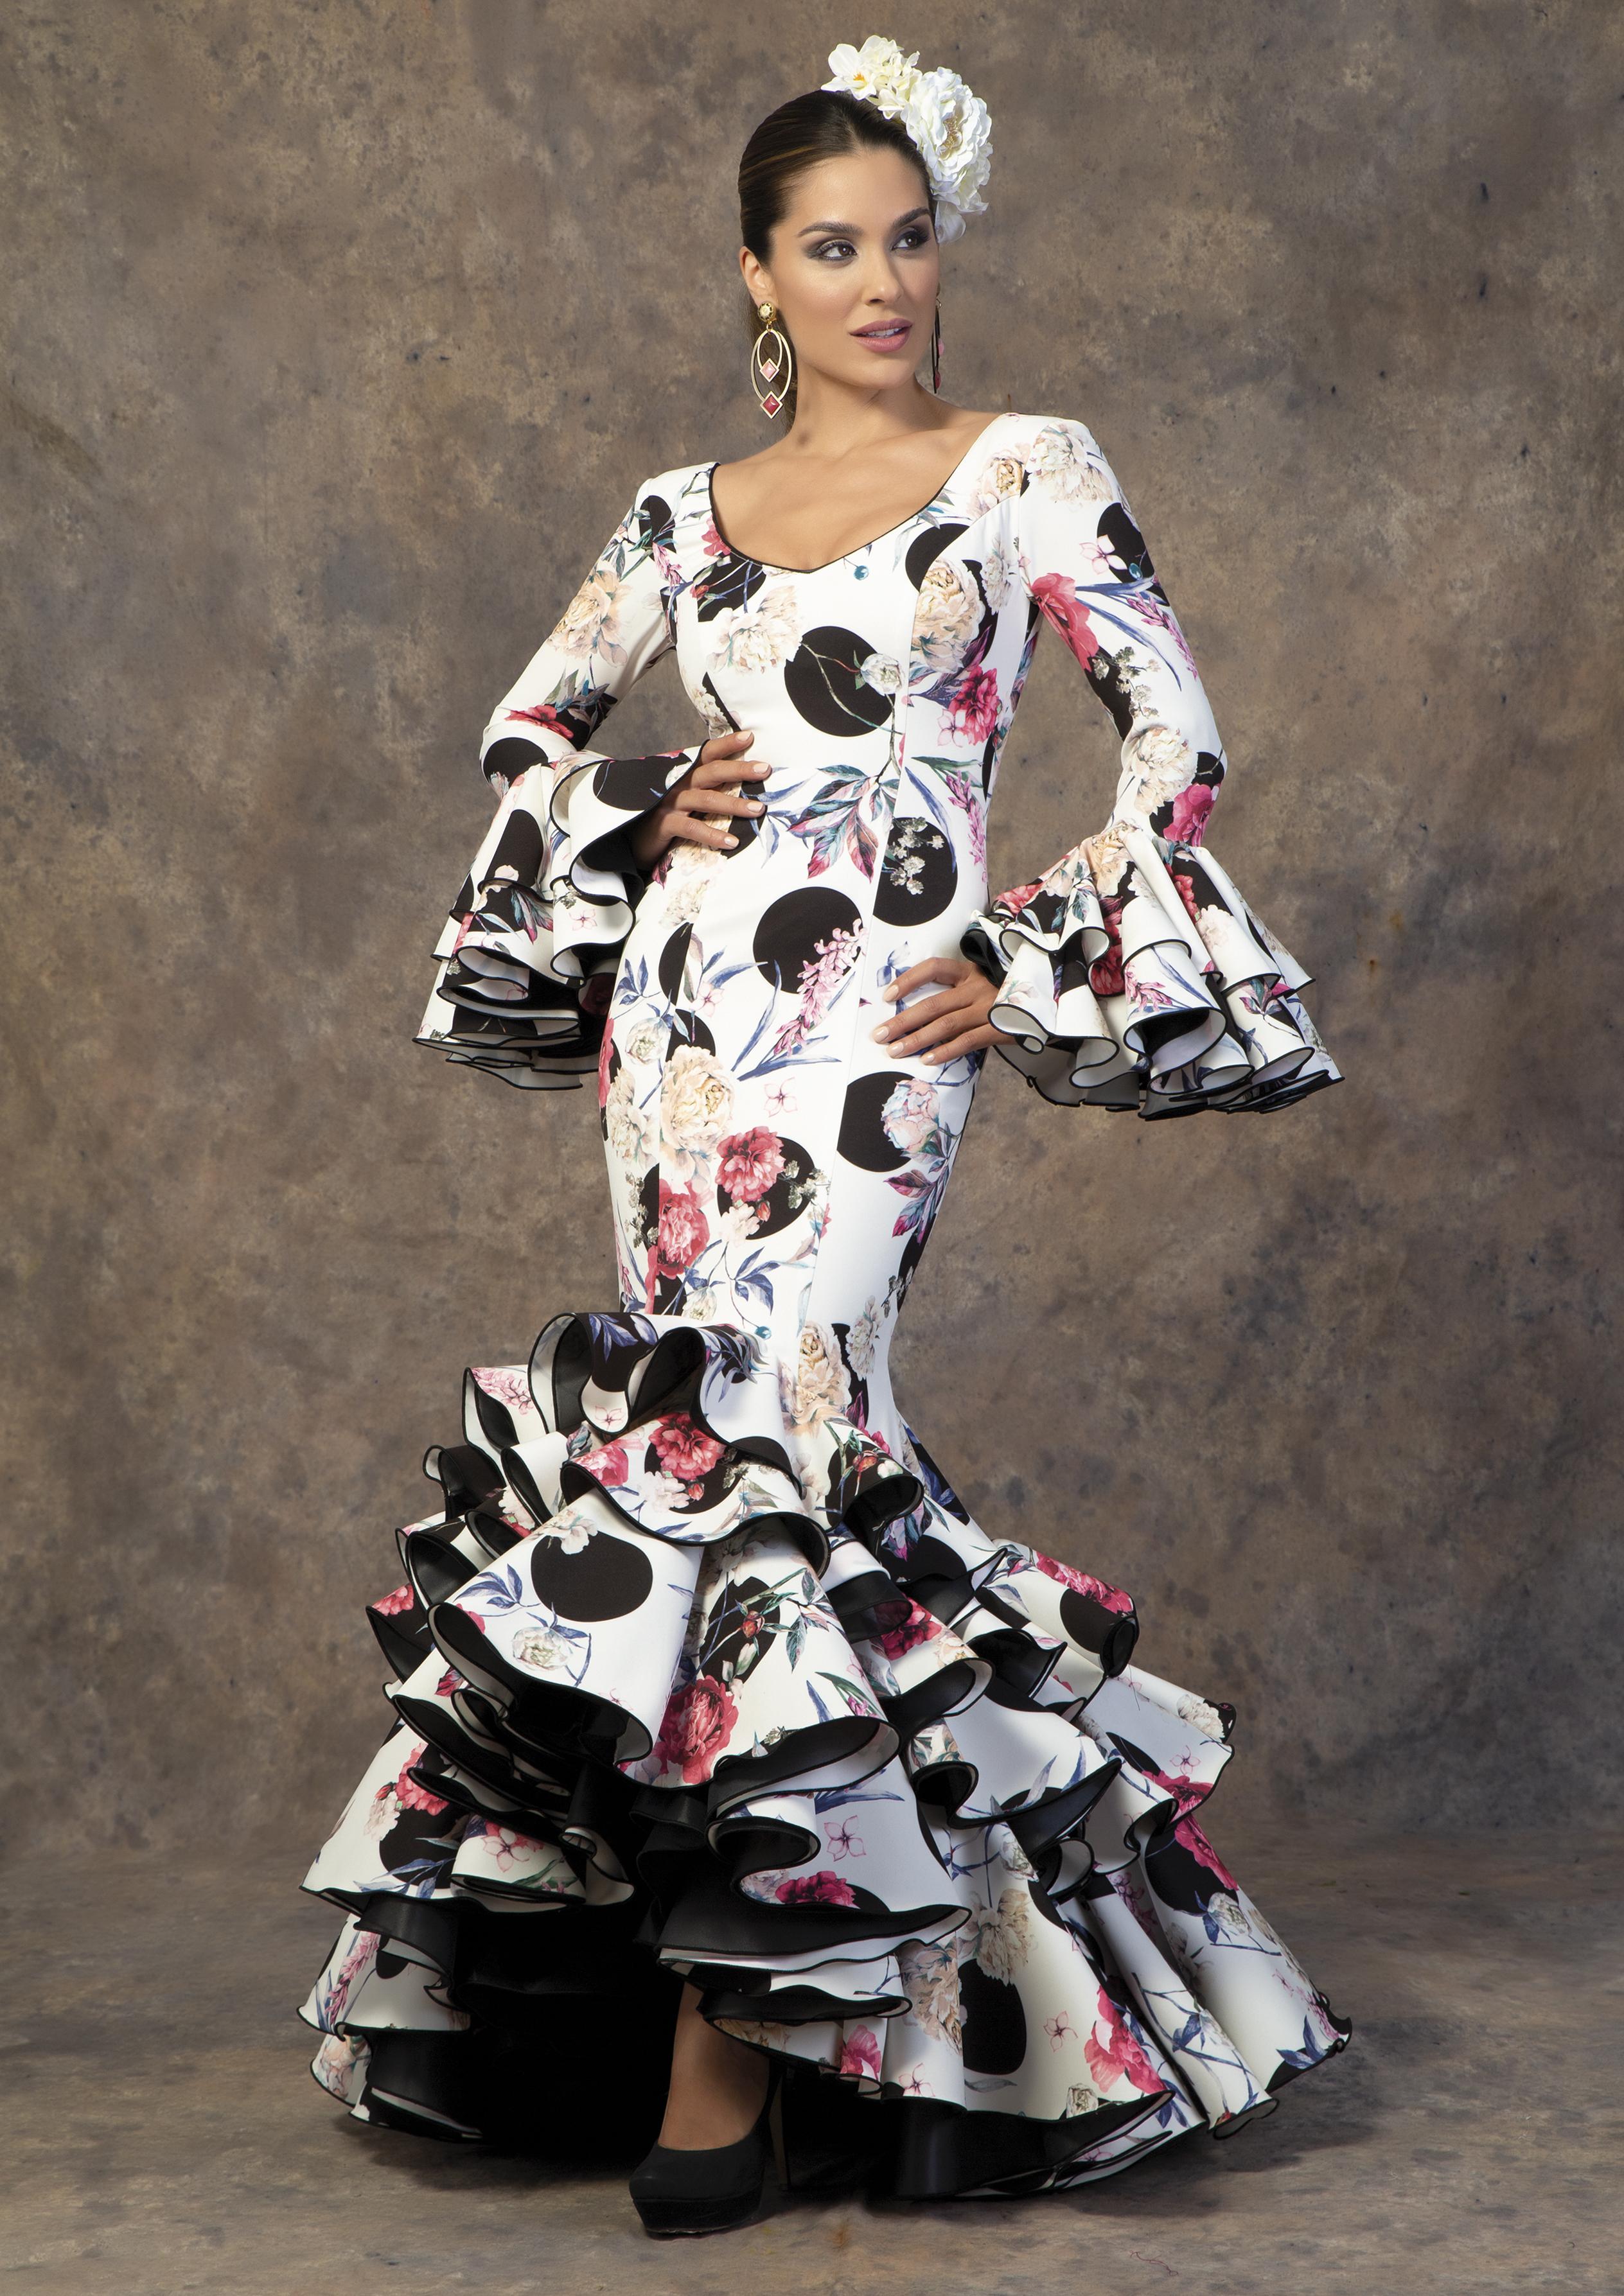 Tiendas de vestidos de sevillanas baratos en madrid